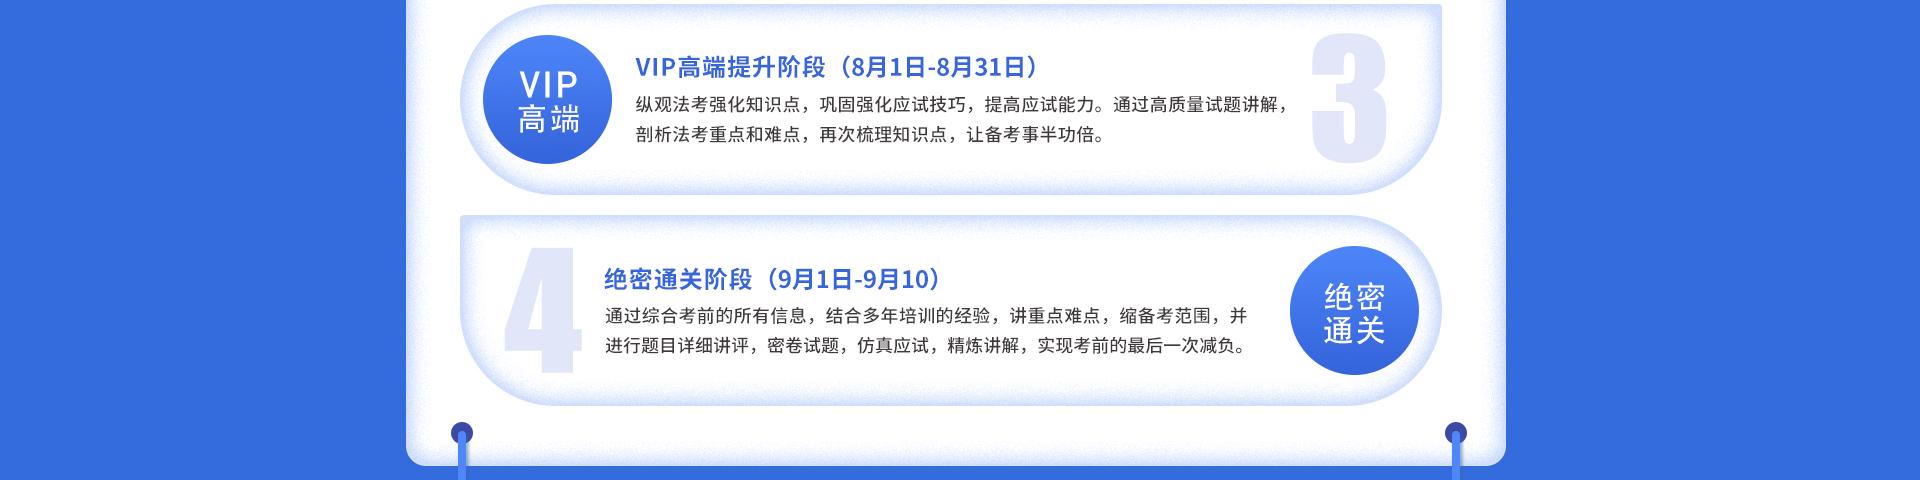 改-专题页面:VIP协议班1920x_06.png